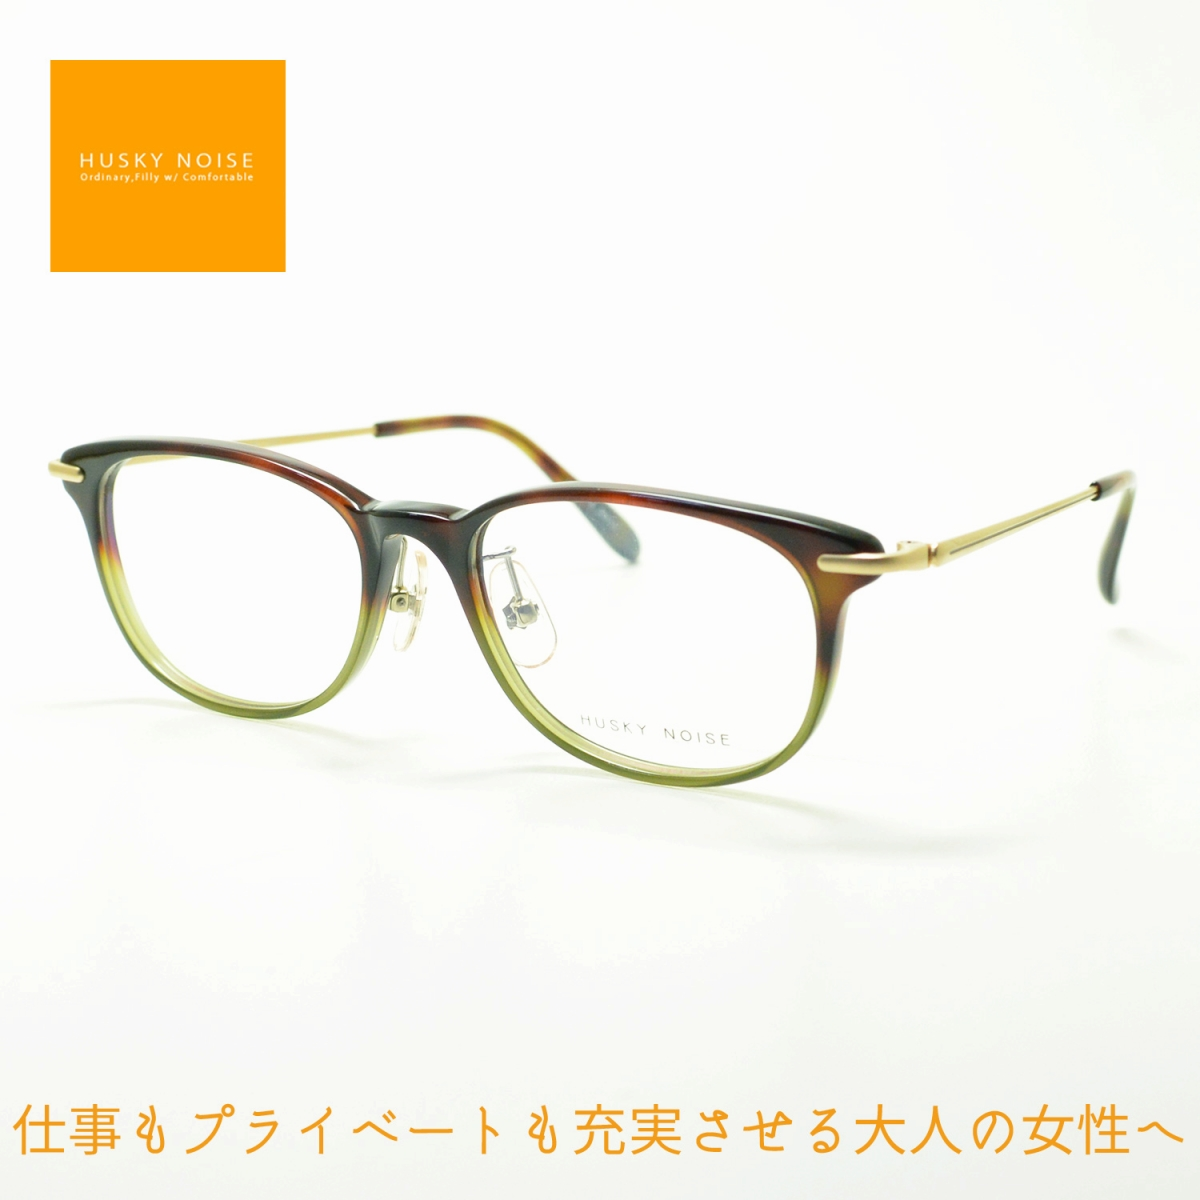 HUSKY NOISE ハスキーノイズ H-158 col-12メガネ 眼鏡 めがね レディース おしゃれ ブランド 人気 おすすめ フレーム 流行り 度付き レンズ